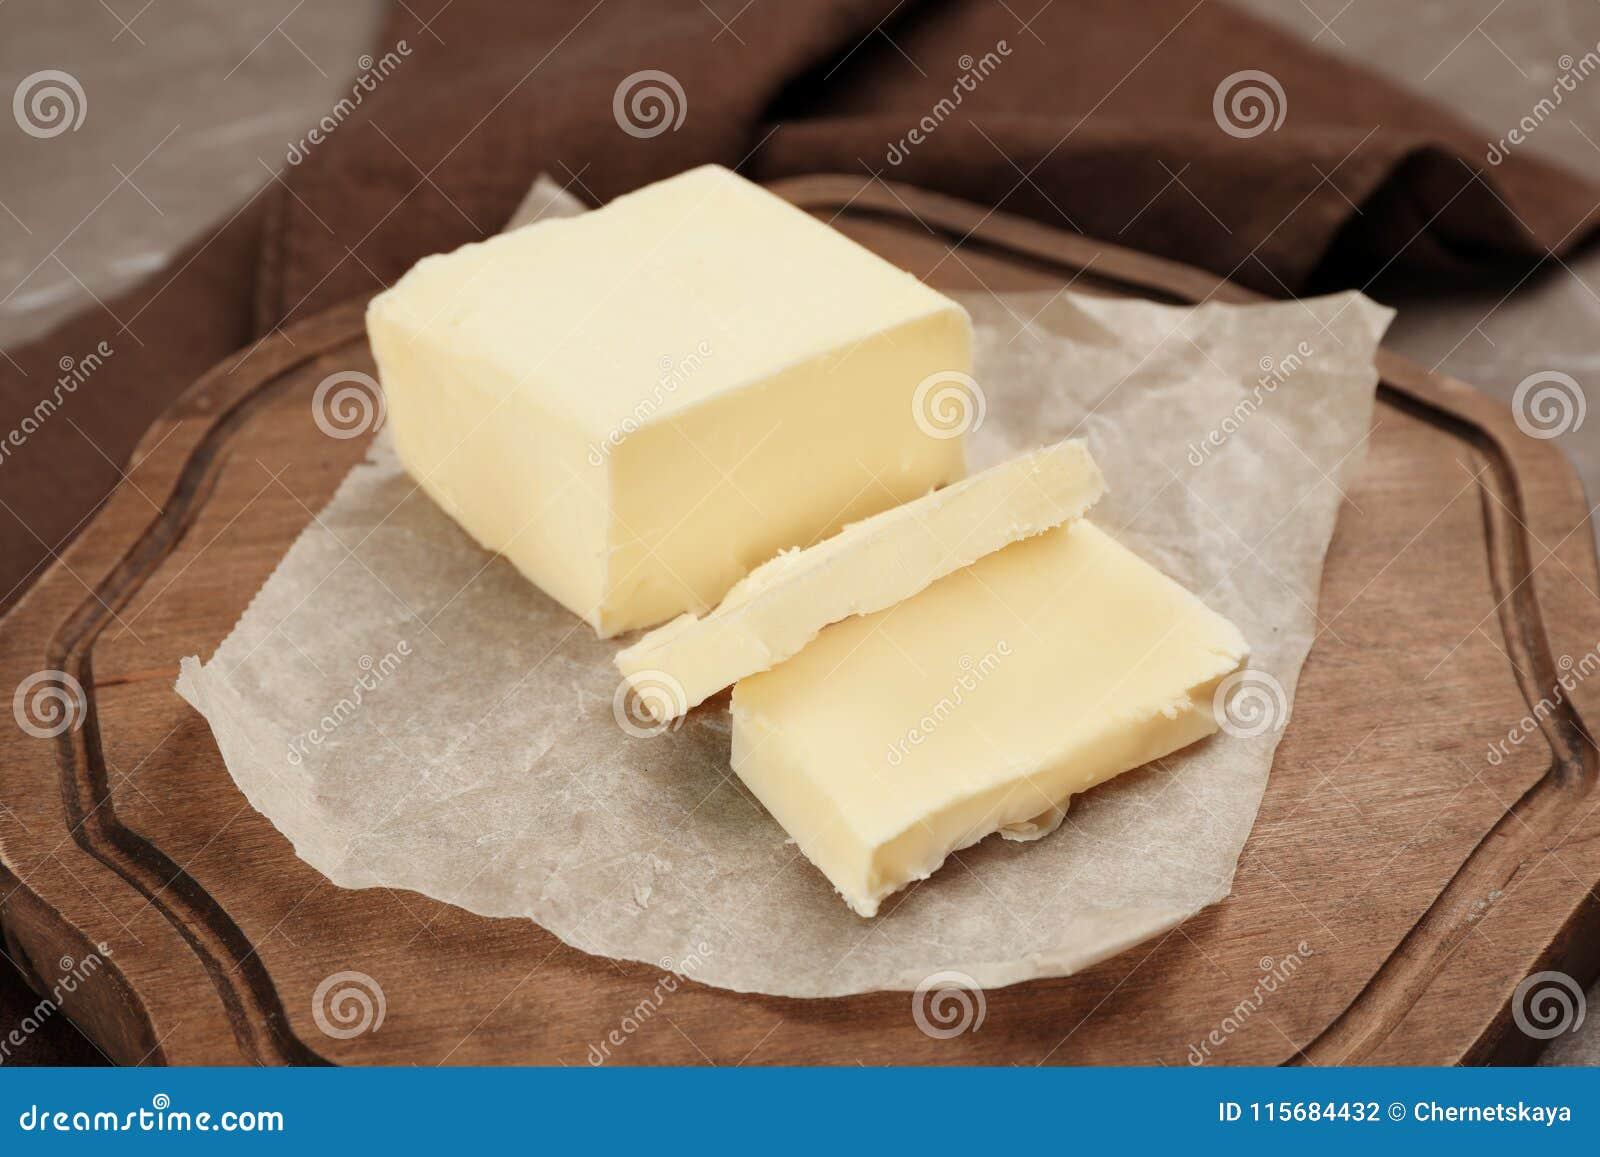 Drewniana deska z smakowitym świeżym masłem